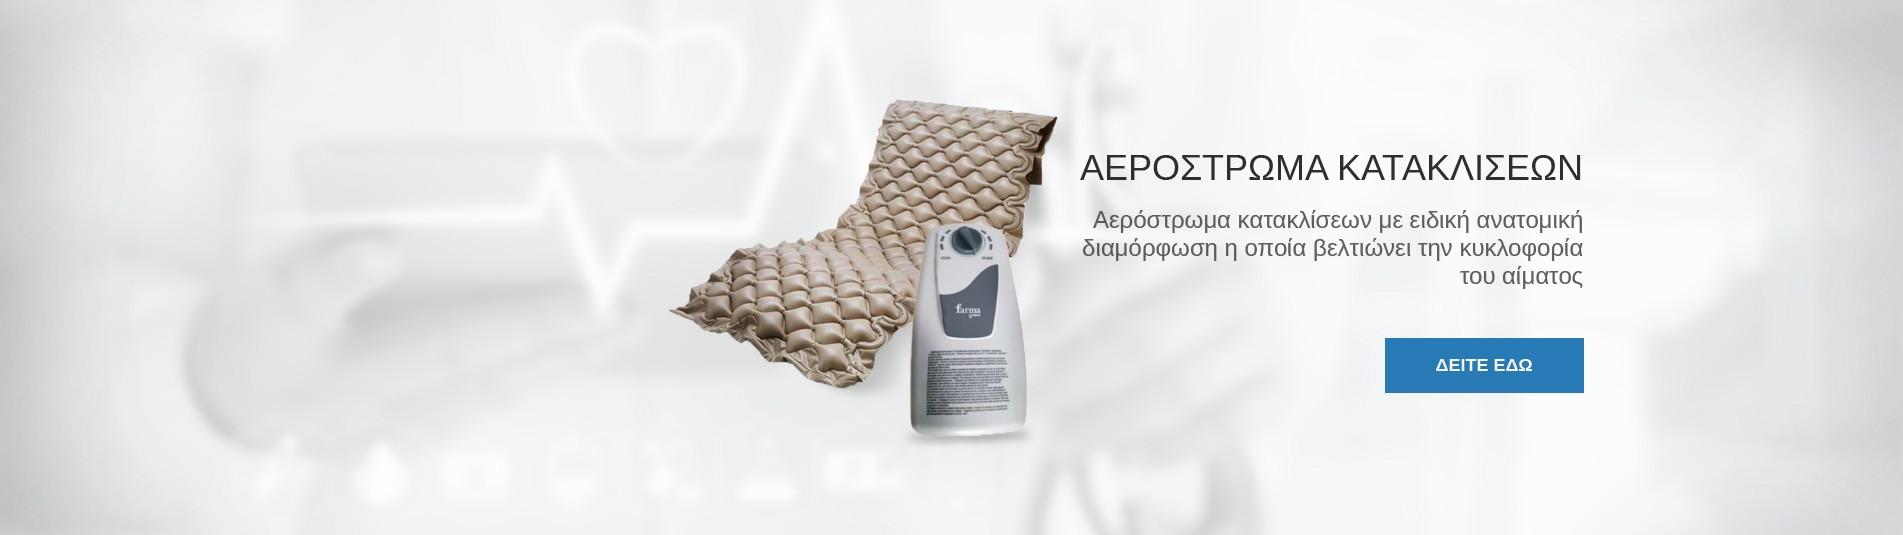 ΑΕΡΟΣΤΡΩΜΑ ΚΑΤΑΚΛΙΣΕΩΝ